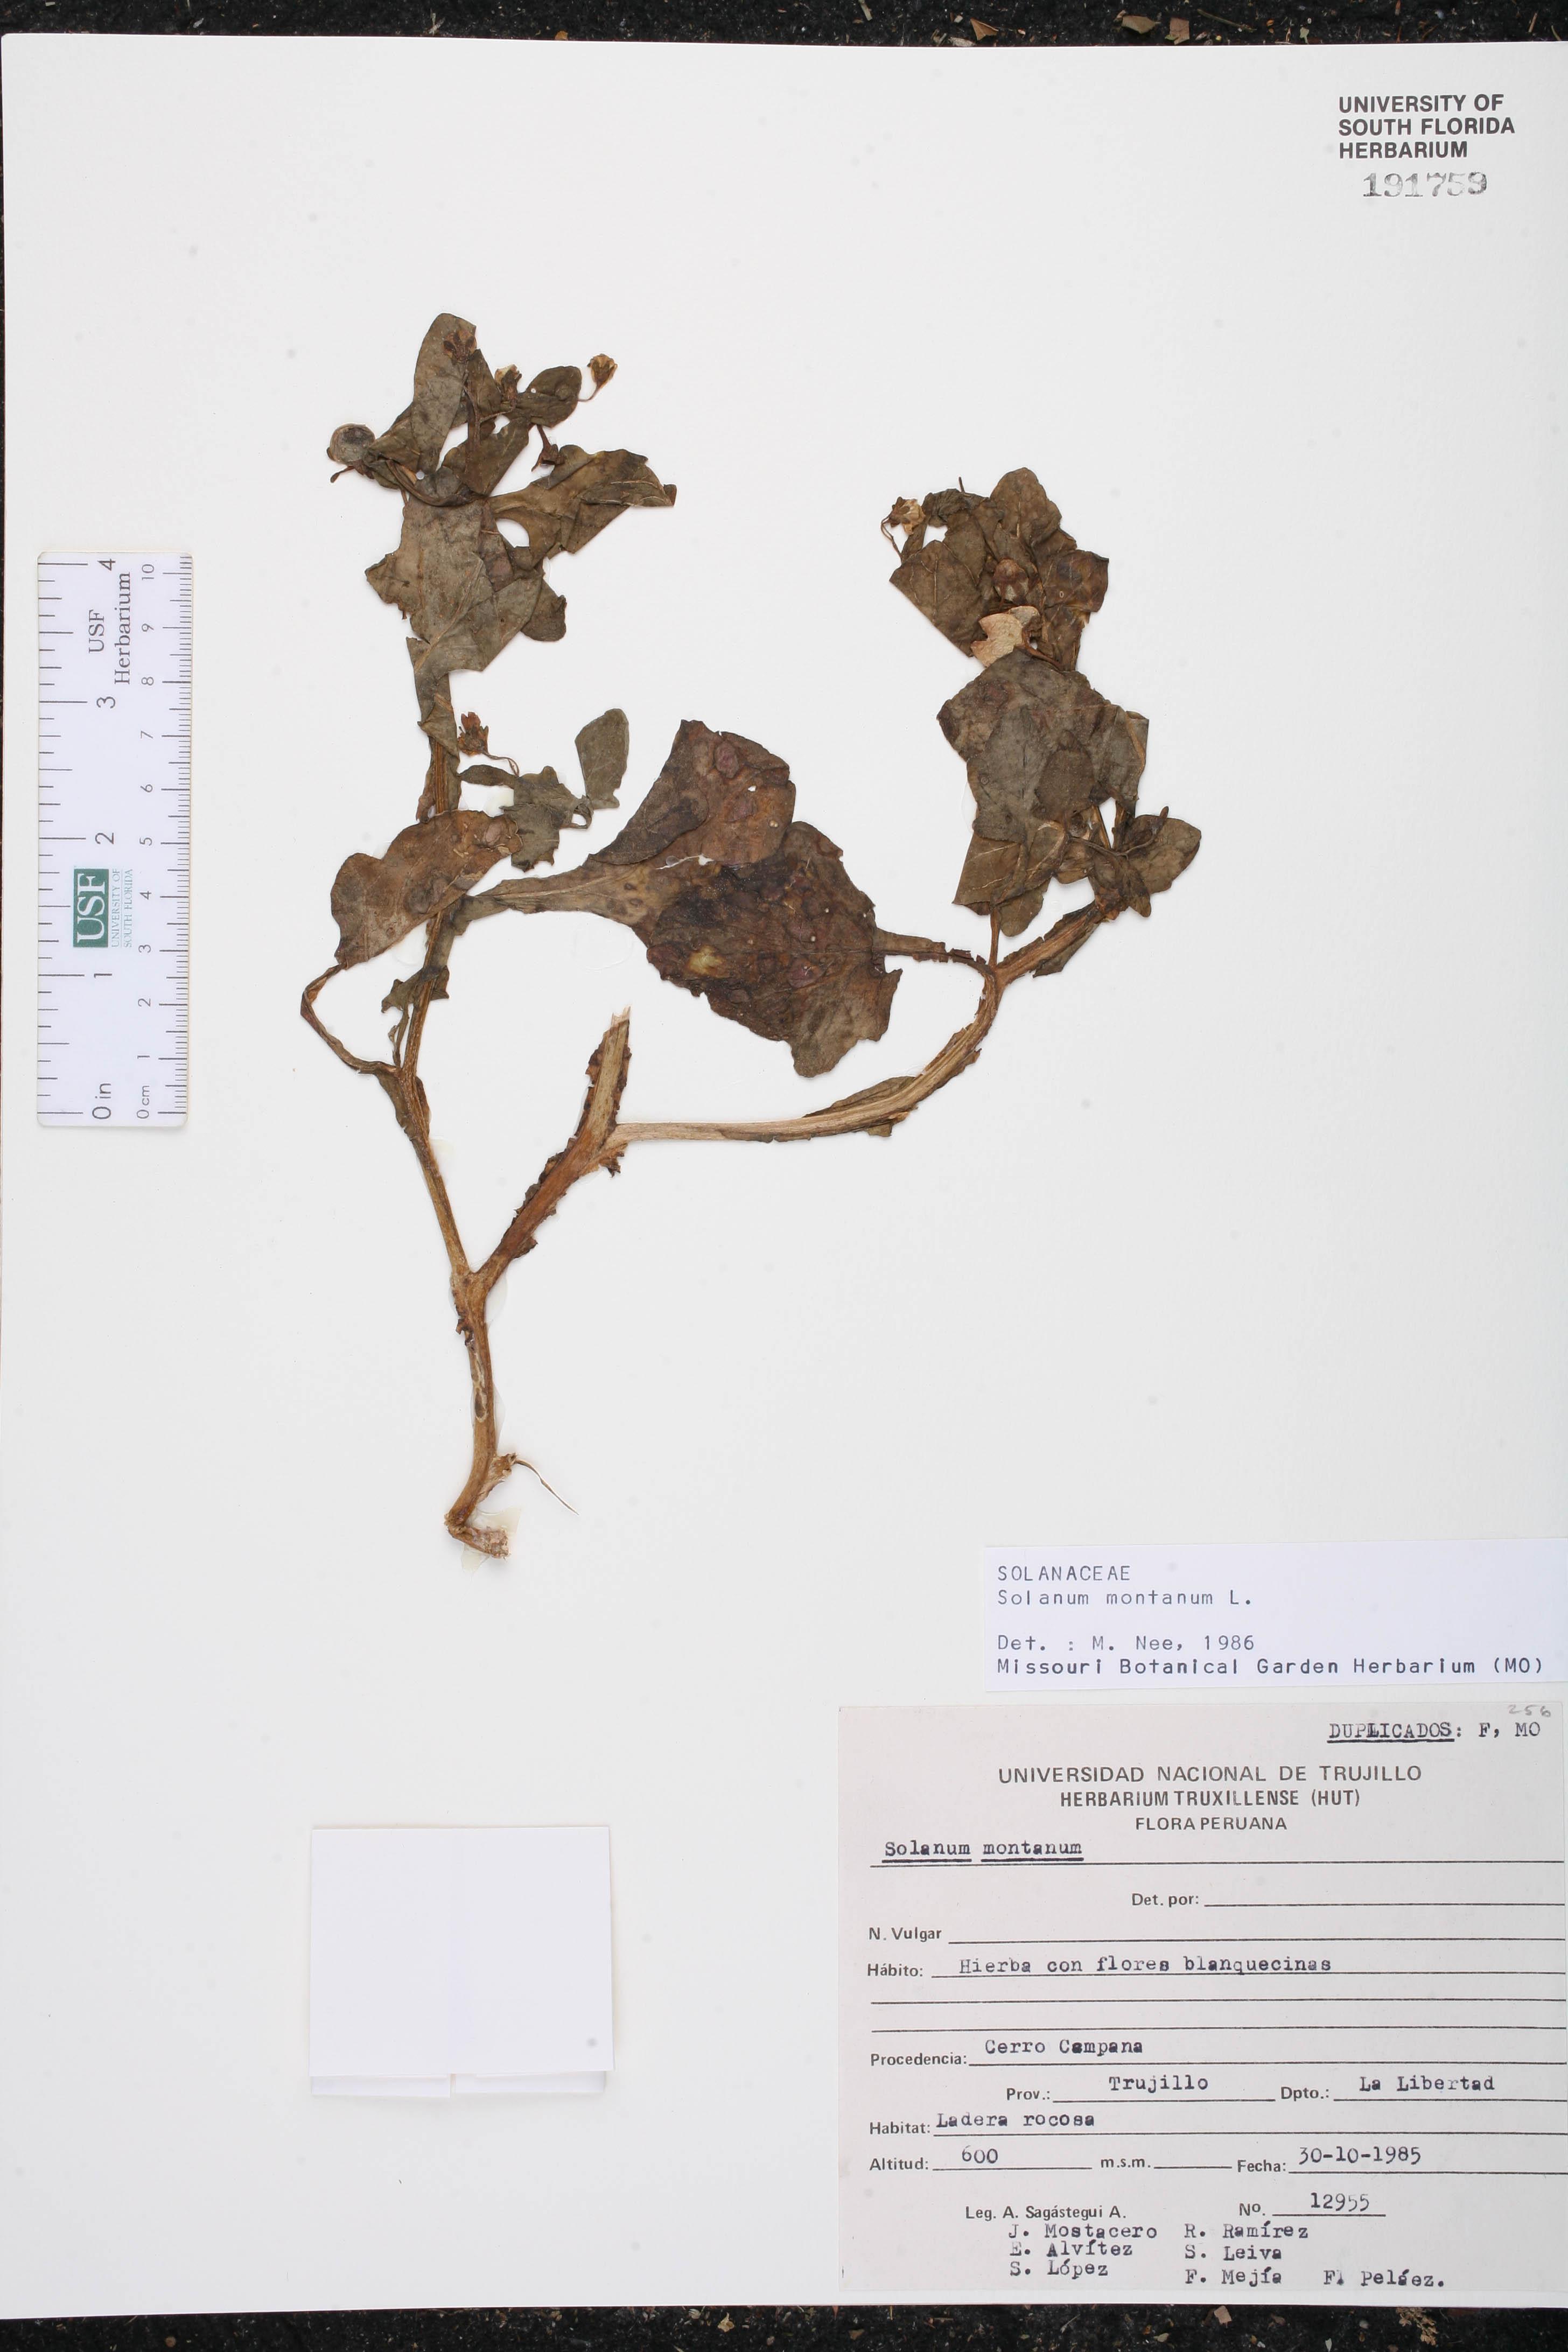 Solanum montanum image